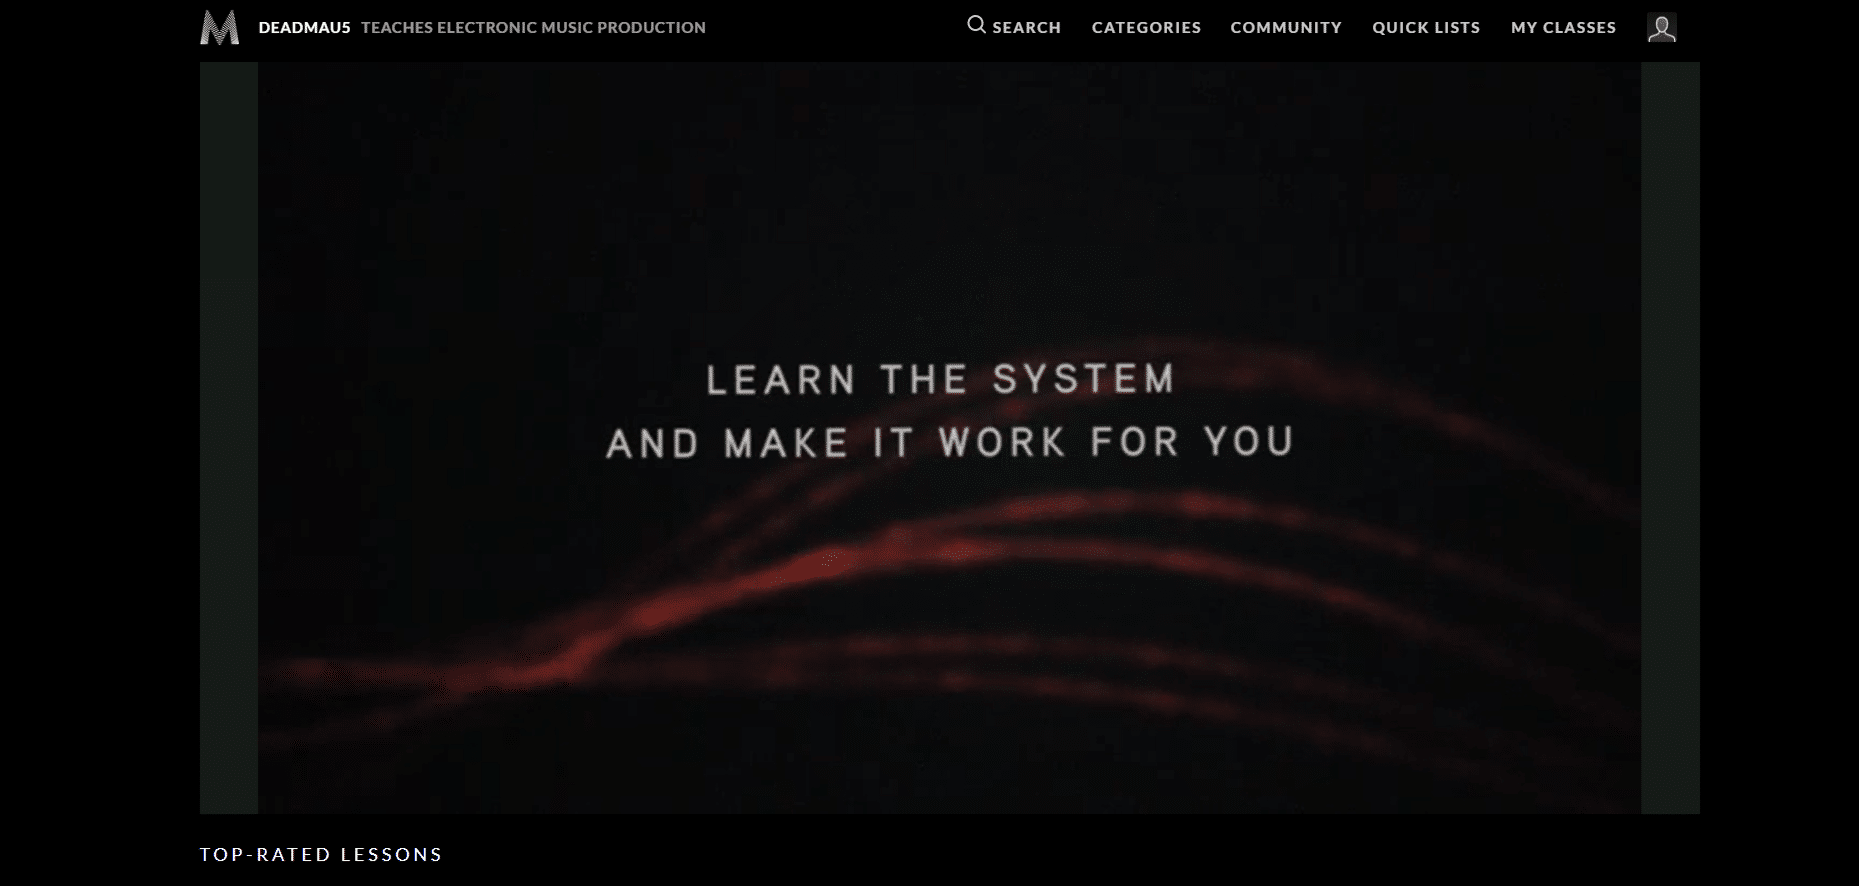 deadmaus-masterclass-review